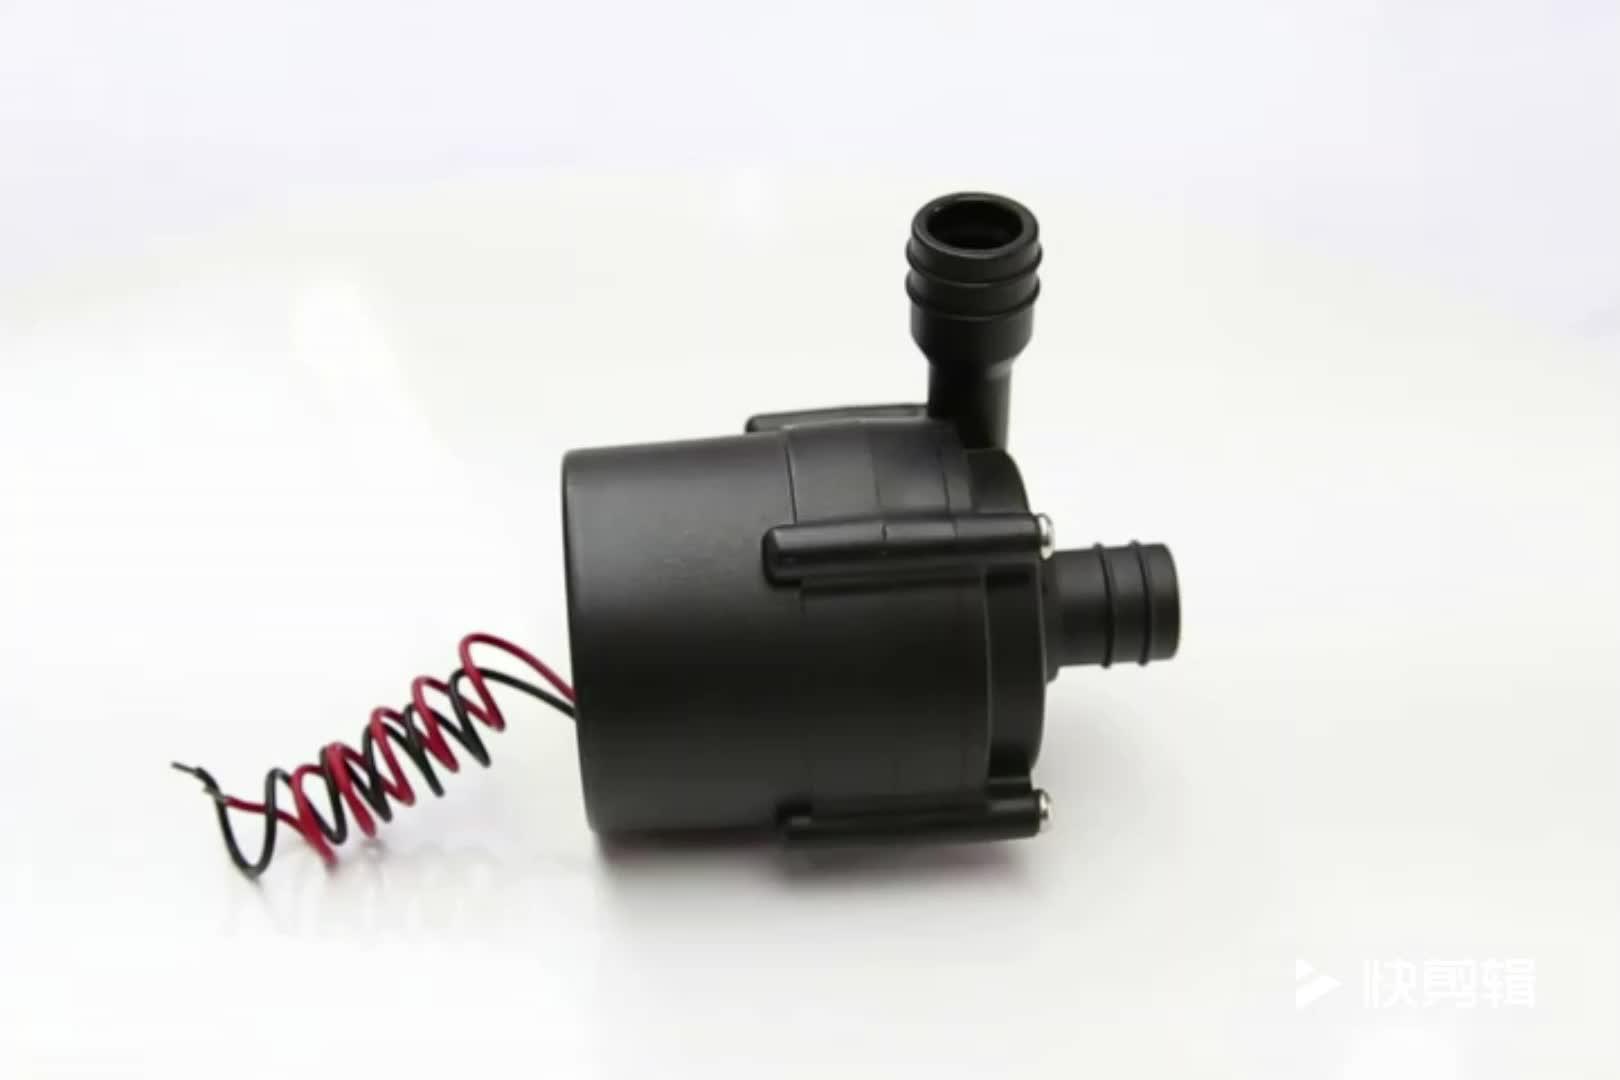 TOPSFLO TL-C01 12 v 24 v điện ly tâm không chổi than dc máy bơm nước mini